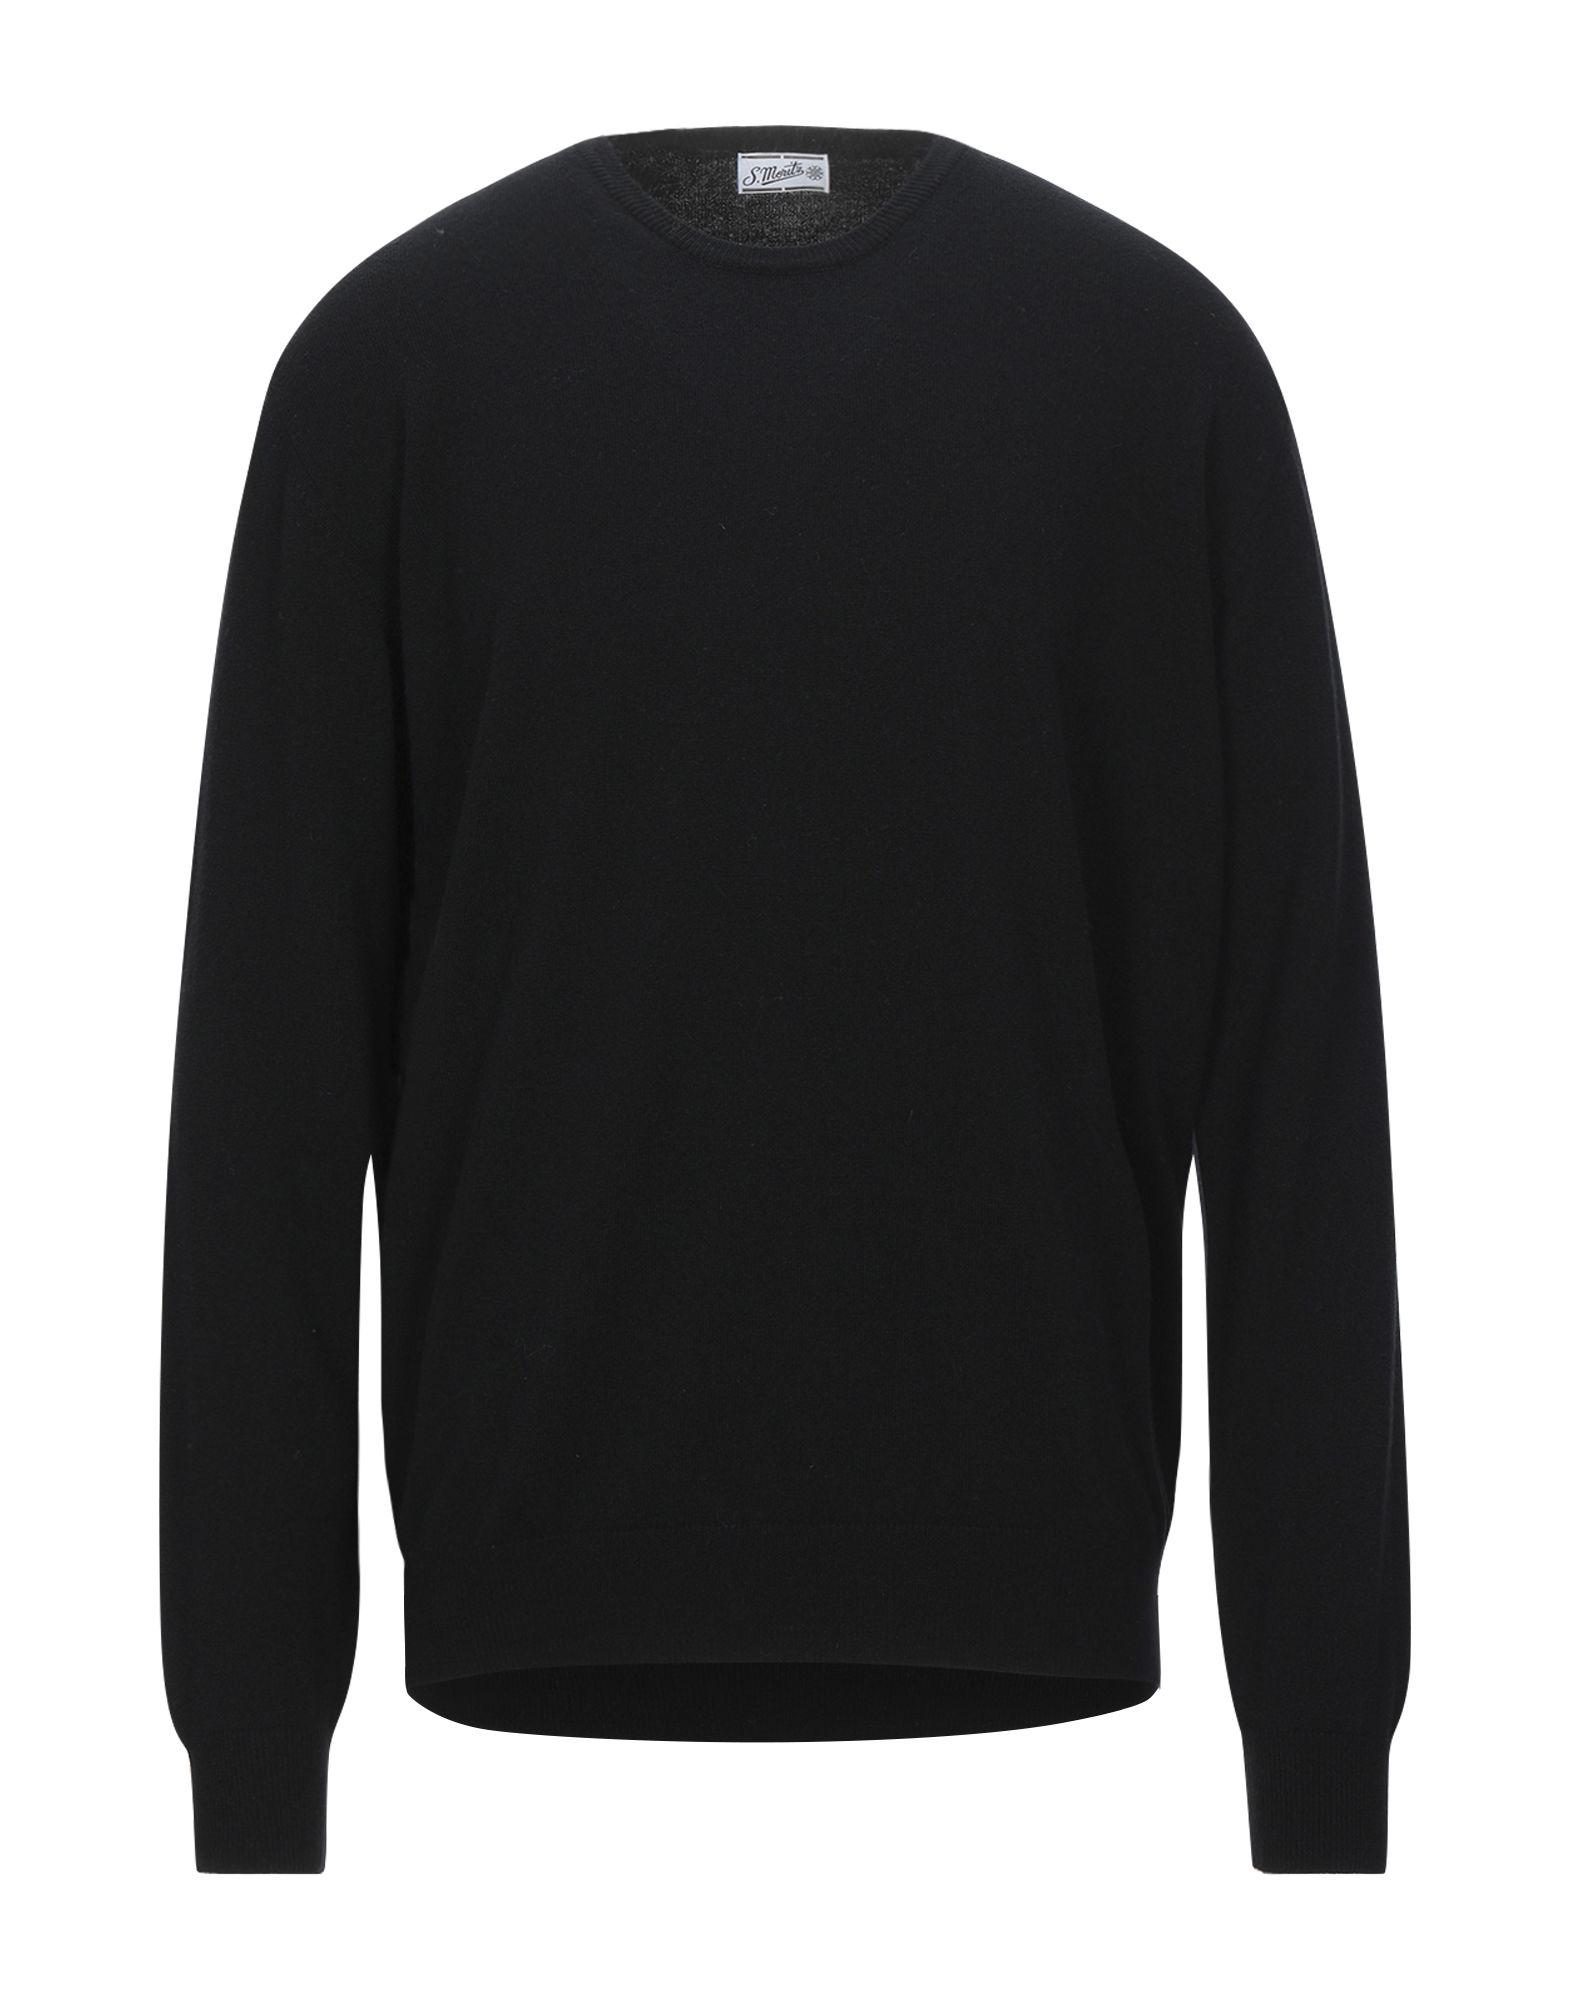 《セール開催中》S. MORITZ メンズ プルオーバー ブラック 58 ウール 90% / カシミヤ 10%